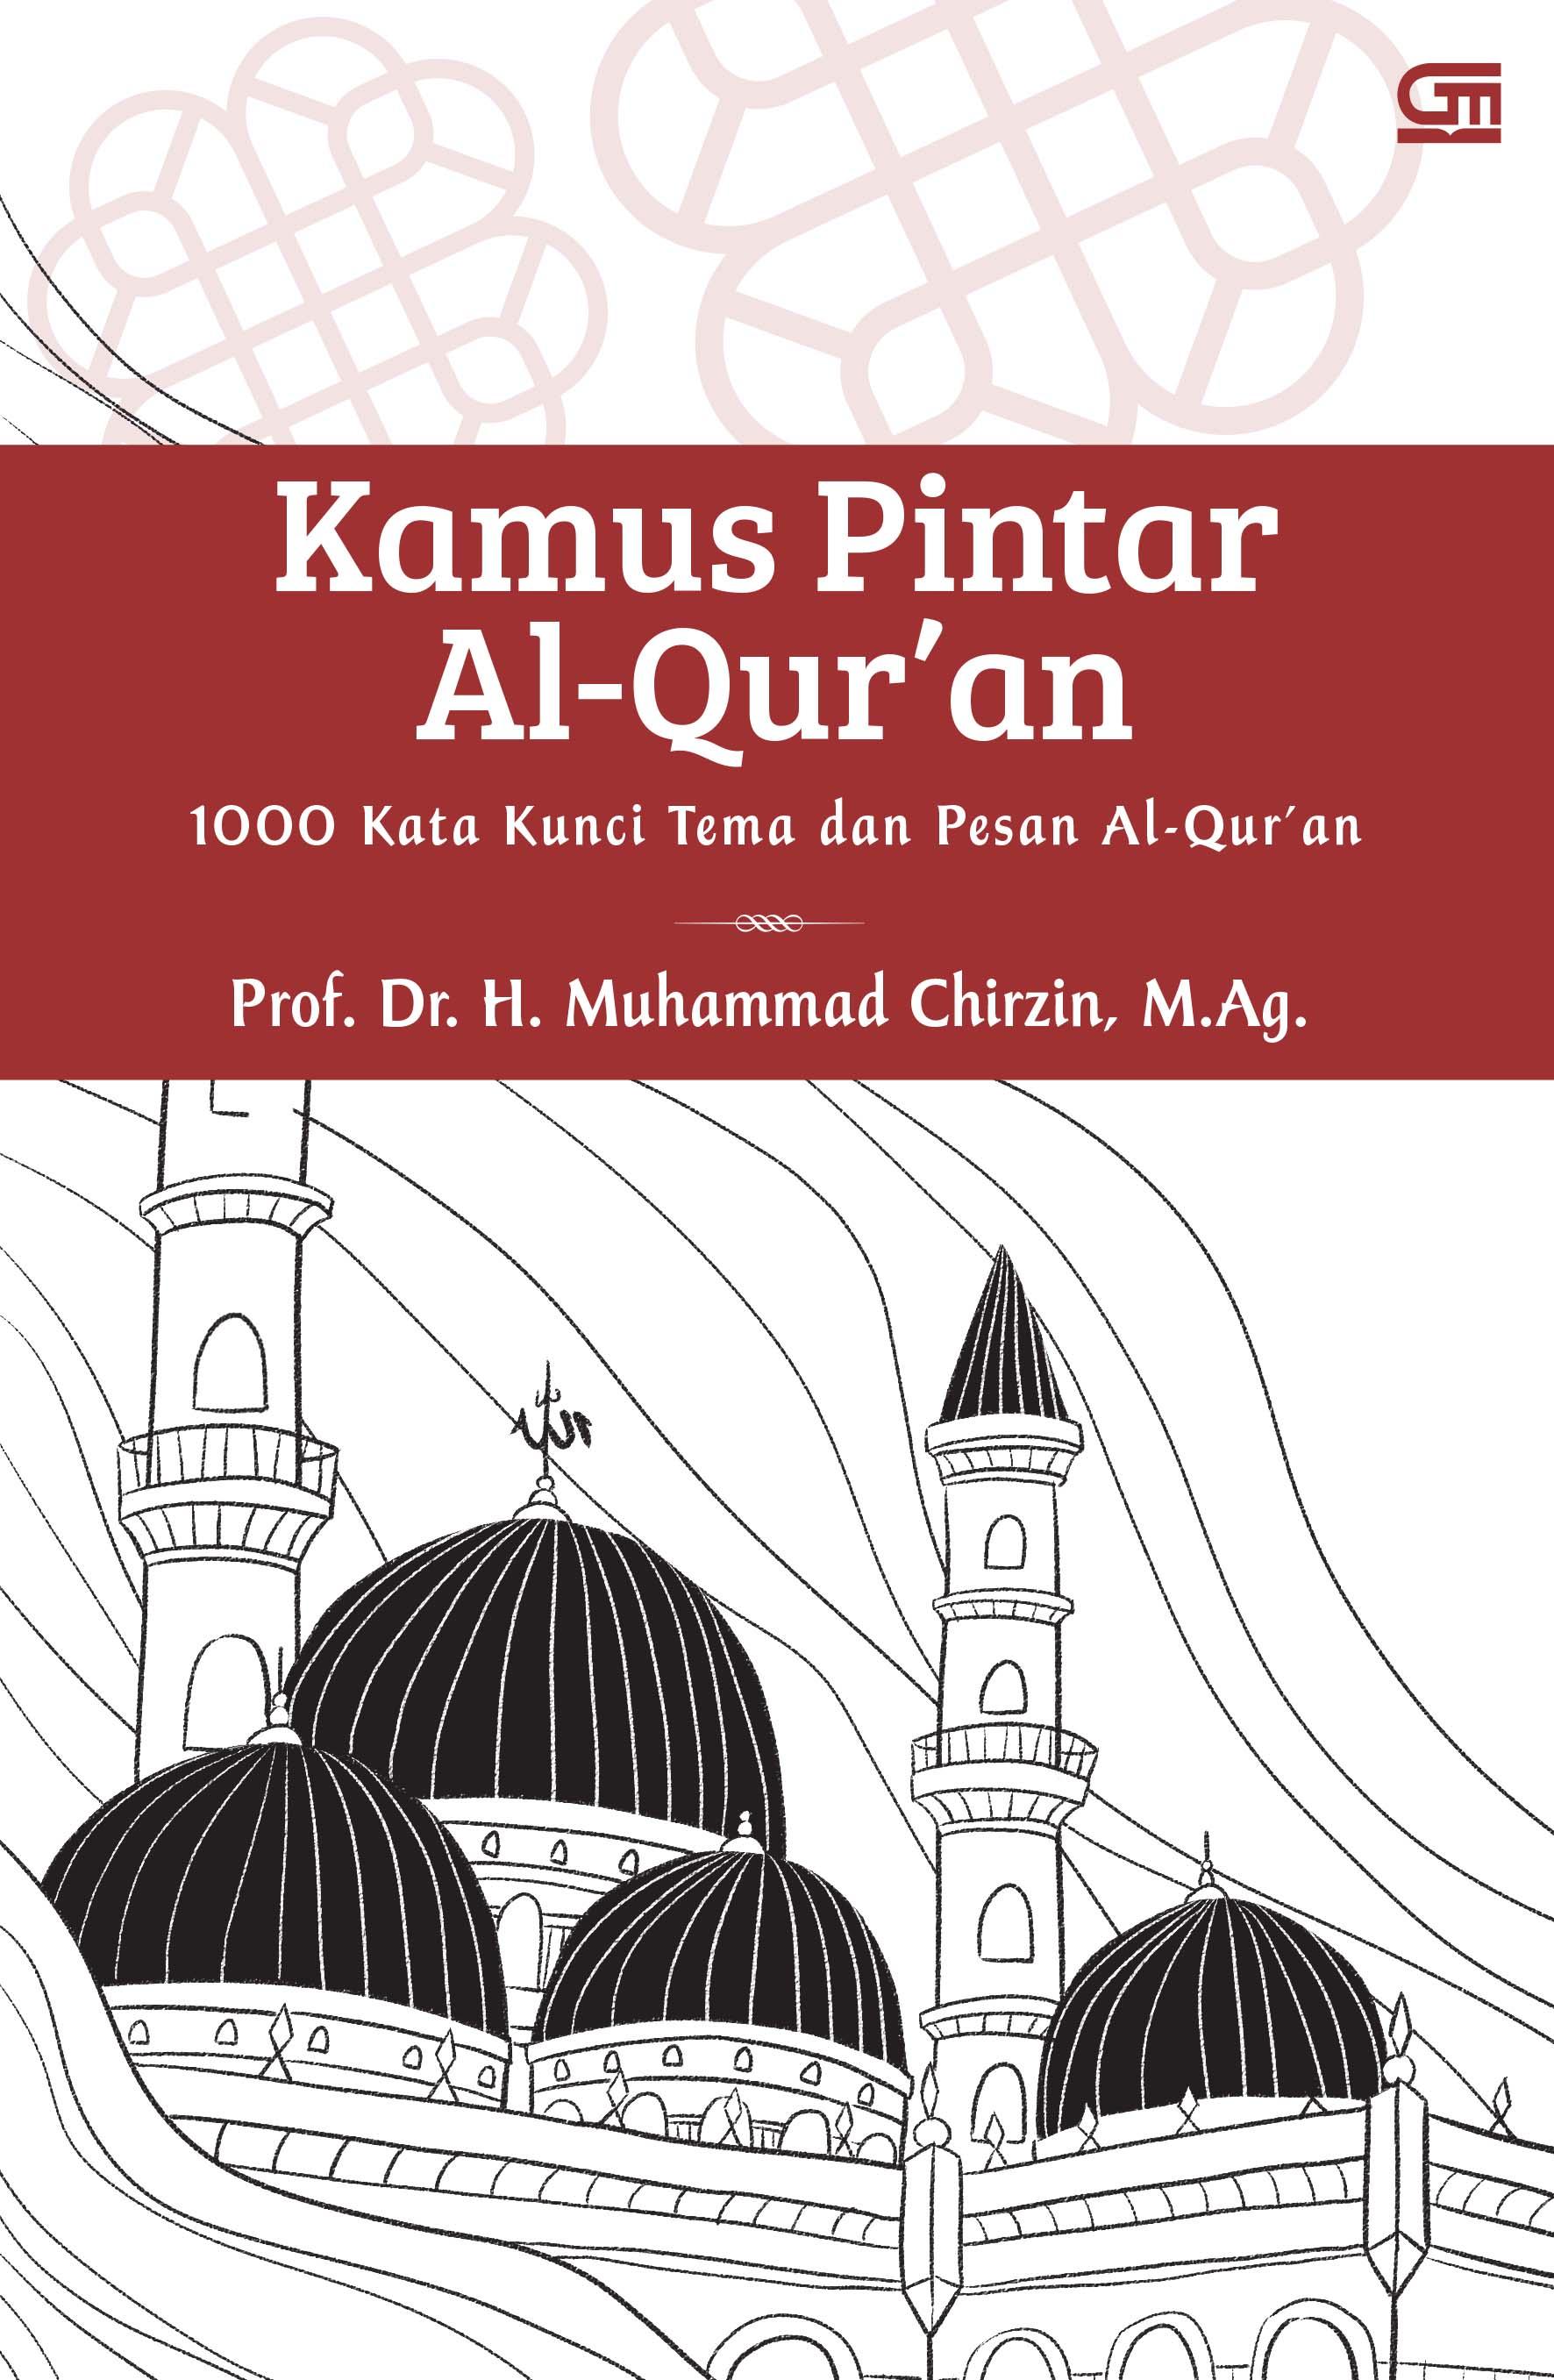 Kamus Pintar Al-Qur'an